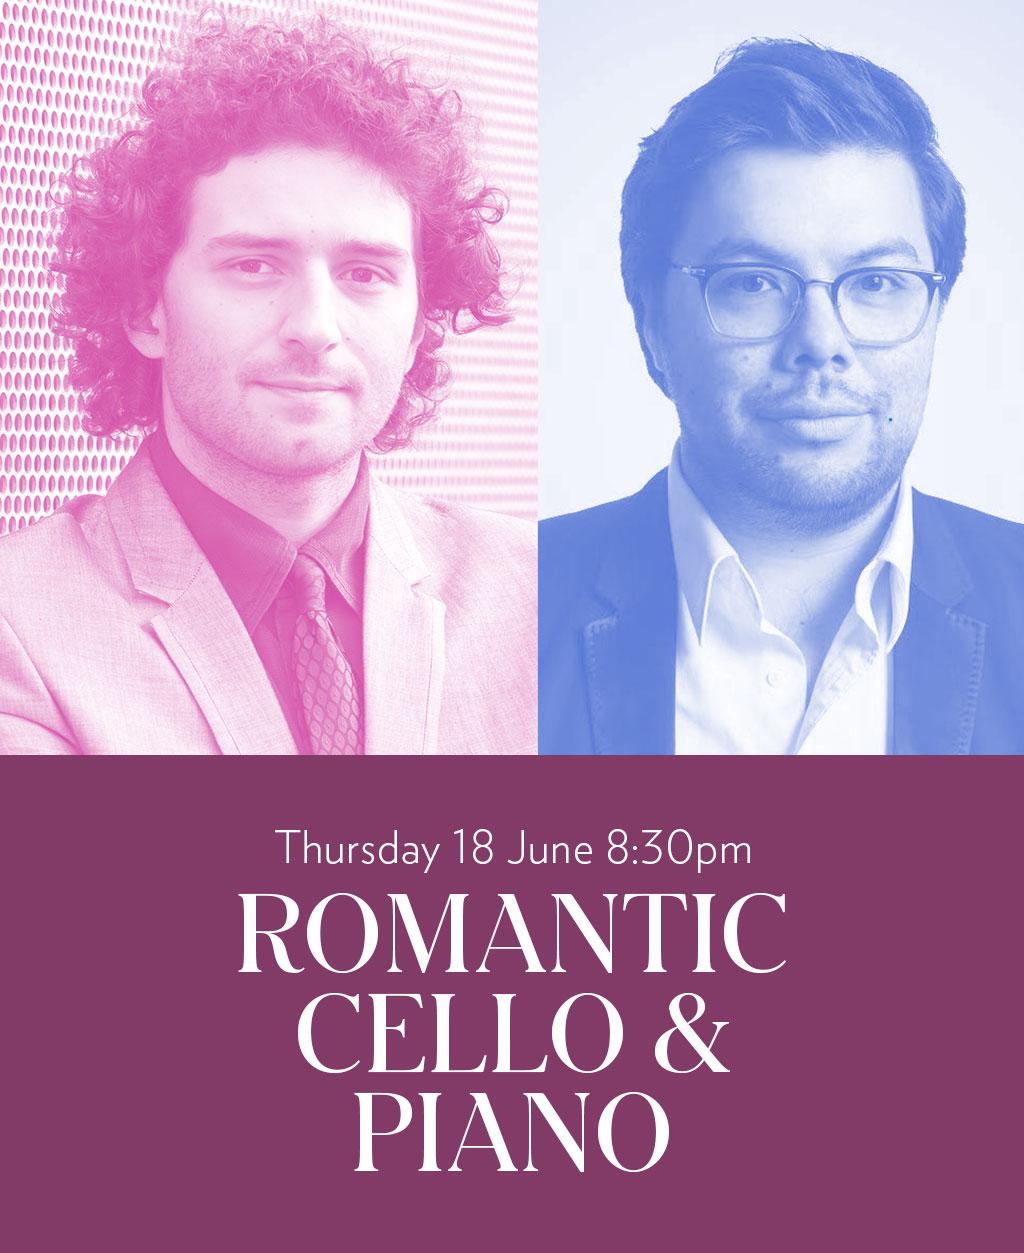 Romantic Cello & Piano